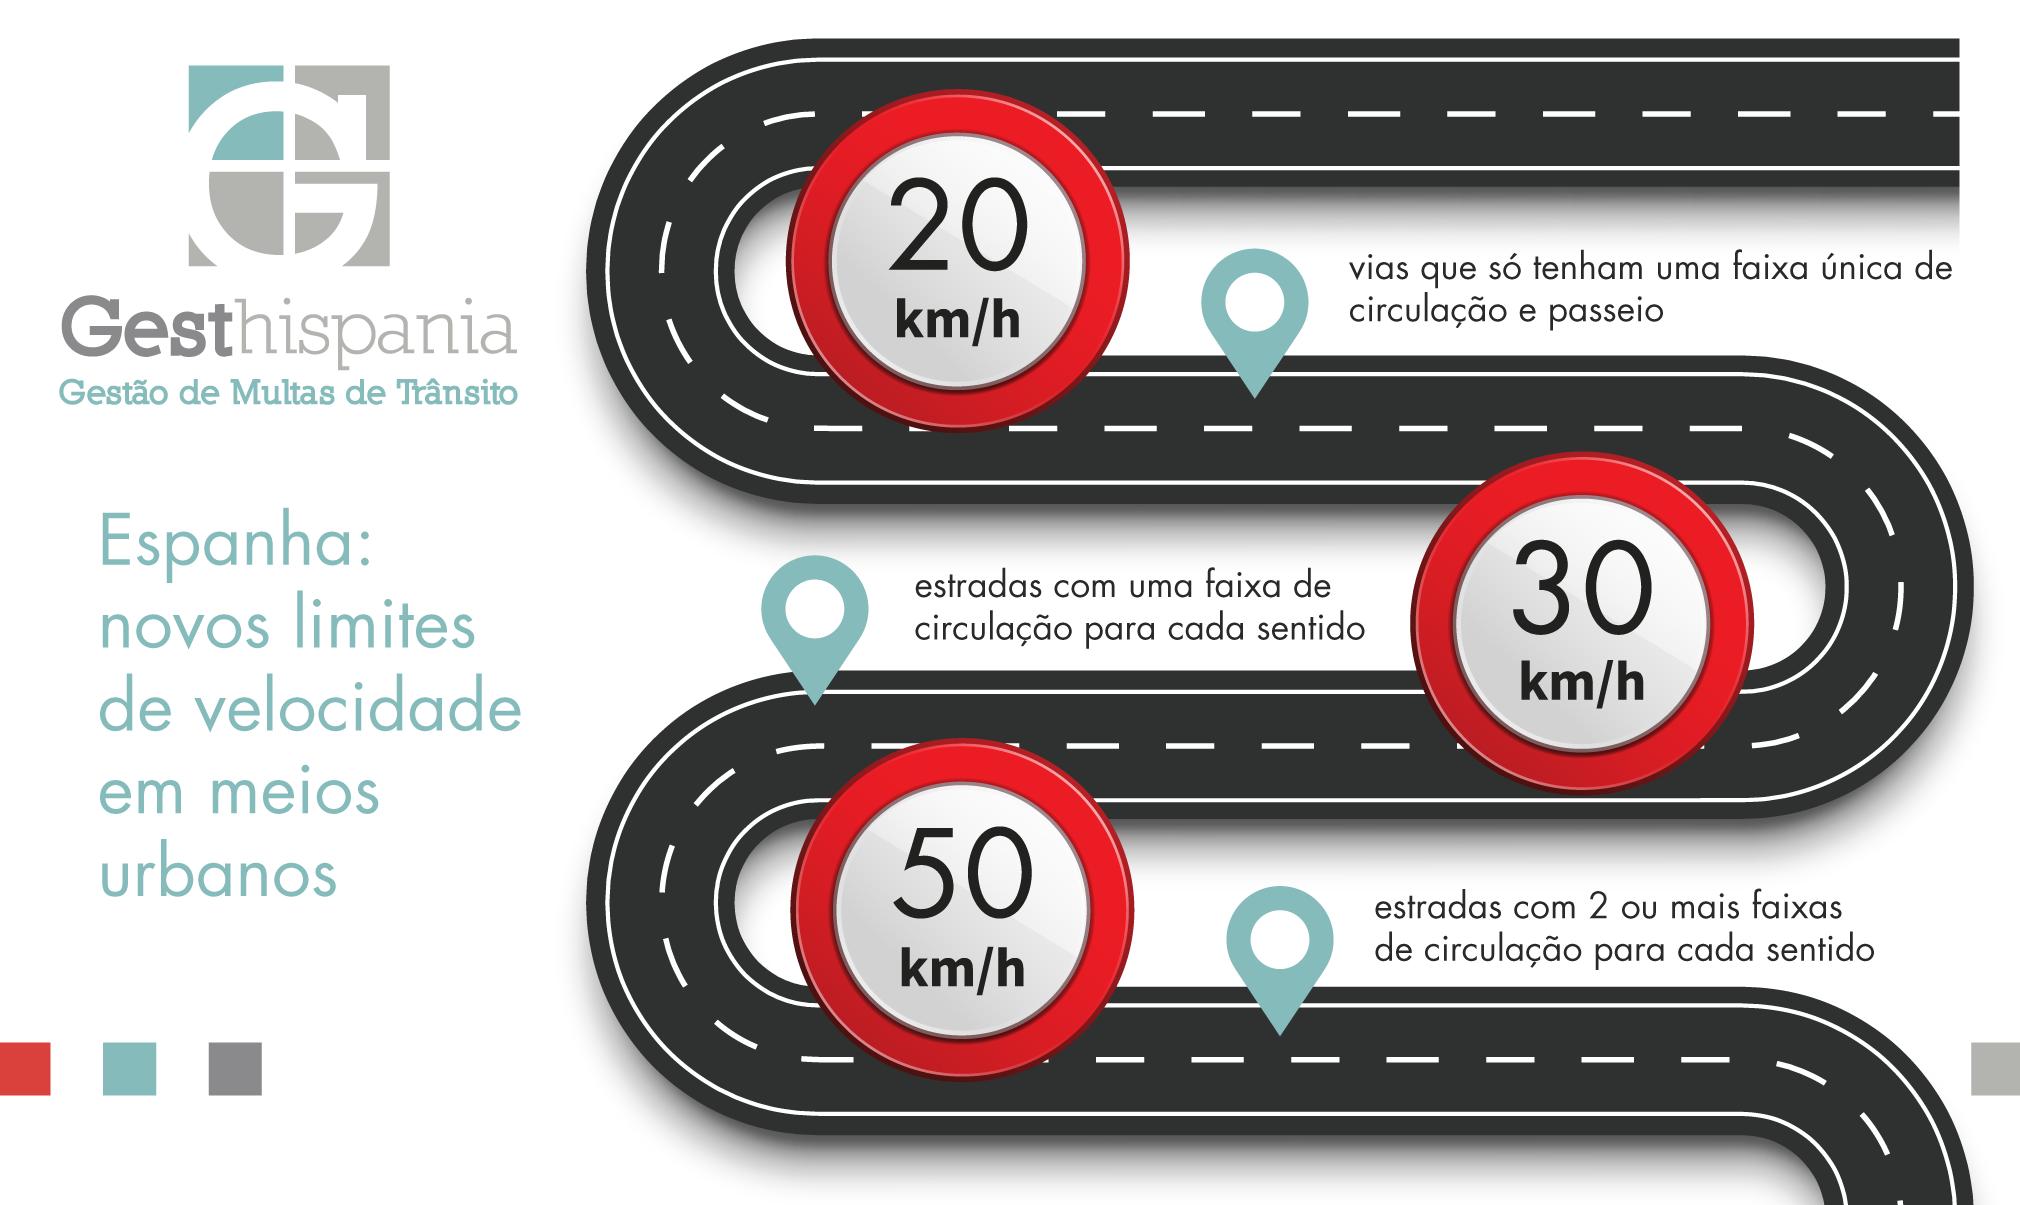 Gesthispania - Infográfico